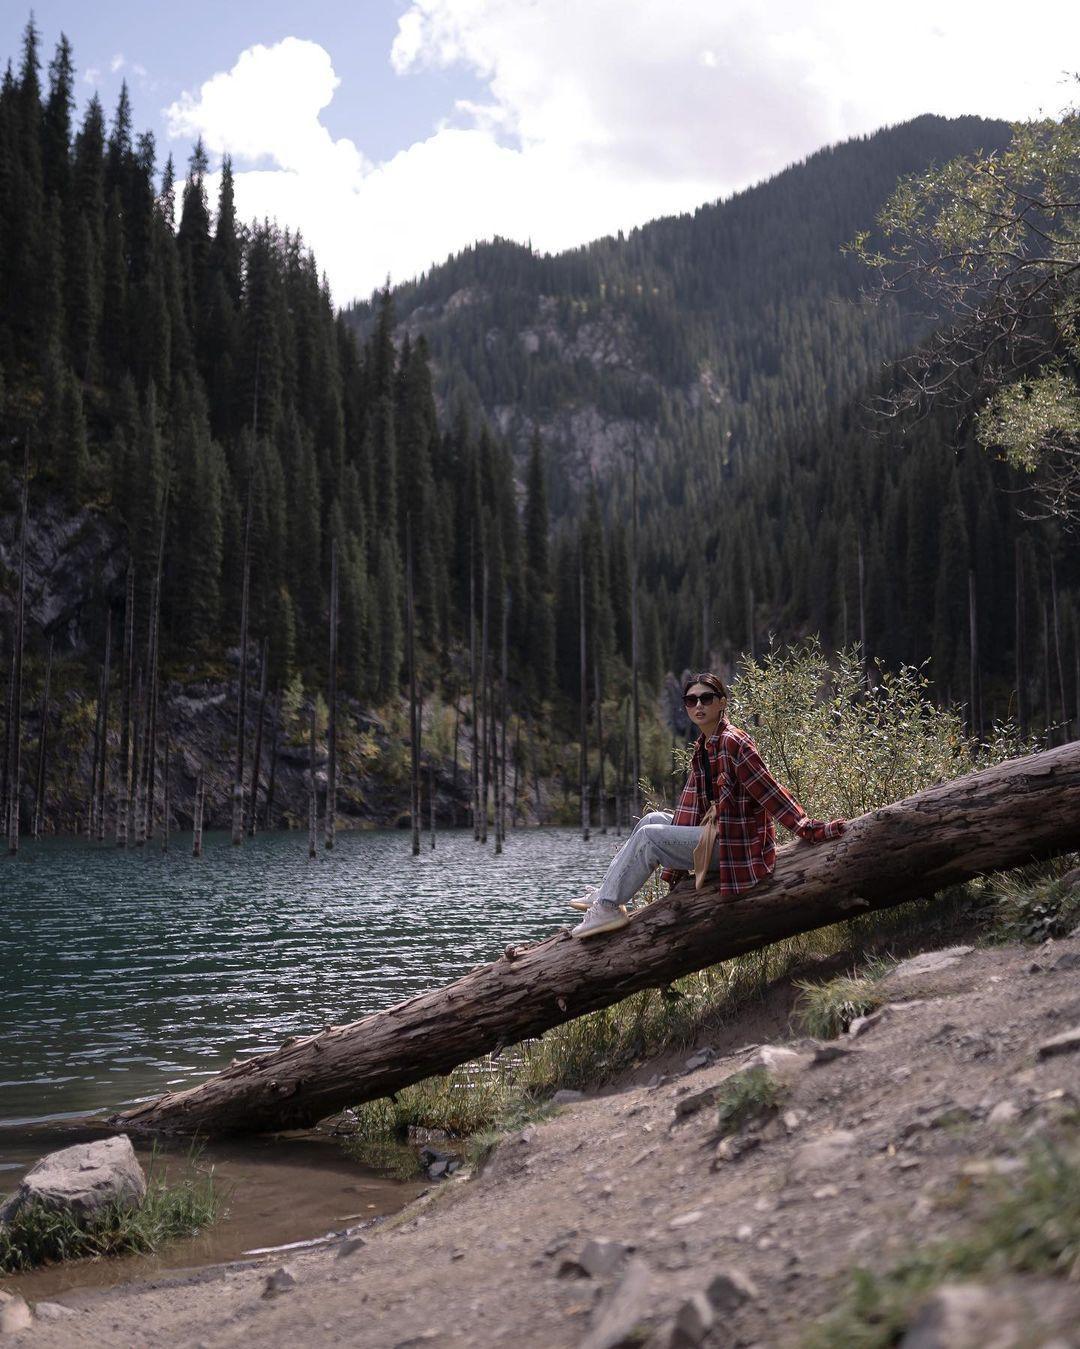 Hồ nước có rừng cây mọc ngược từ dưới đáy Ảnh 10